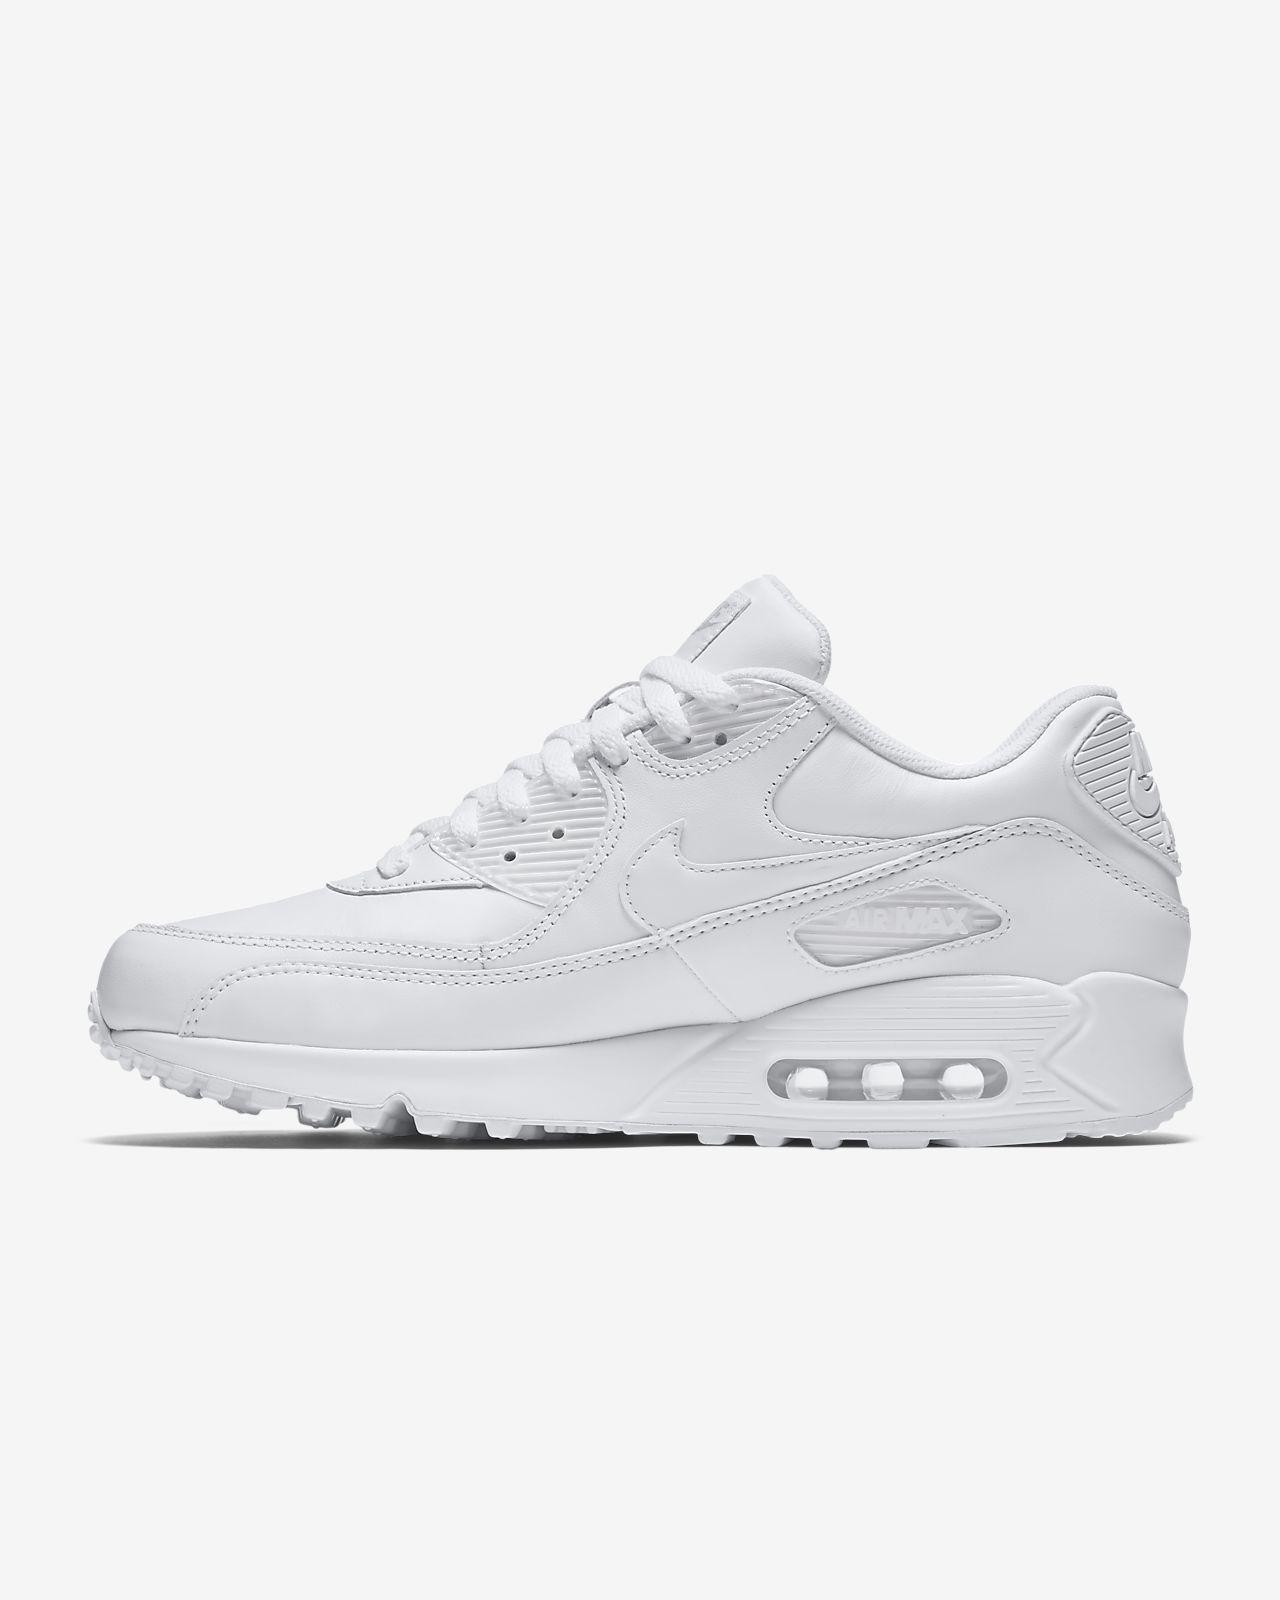 8f323908d0172a Мужские кроссовки Nike Air Max 90 Leather. Nike.com RU